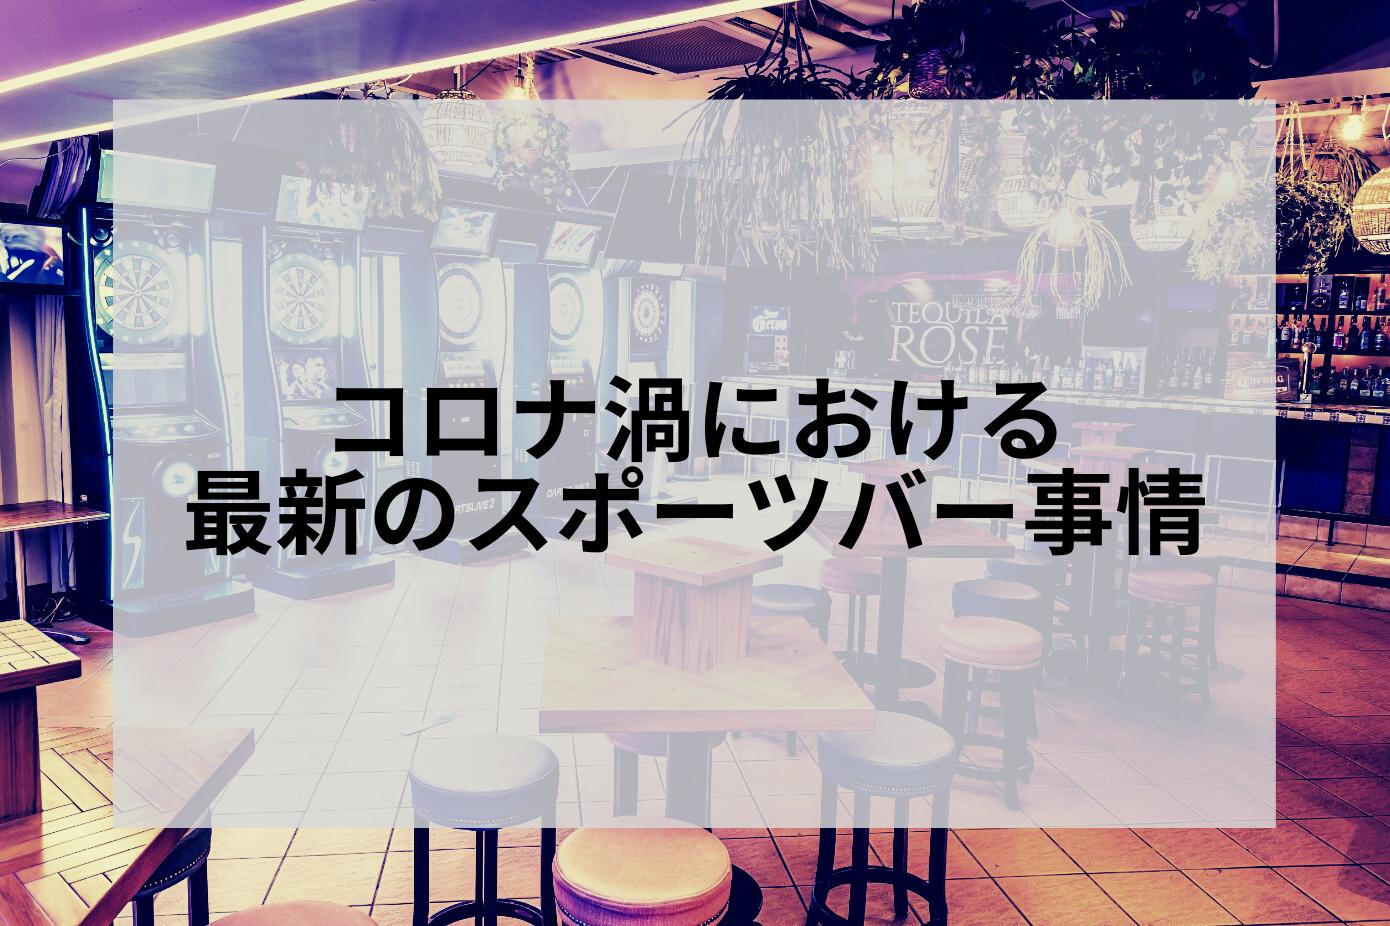 【特集】コロナ渦における飲食店事情 - スポーツバー編①【エレファントラウンジ新宿本店】